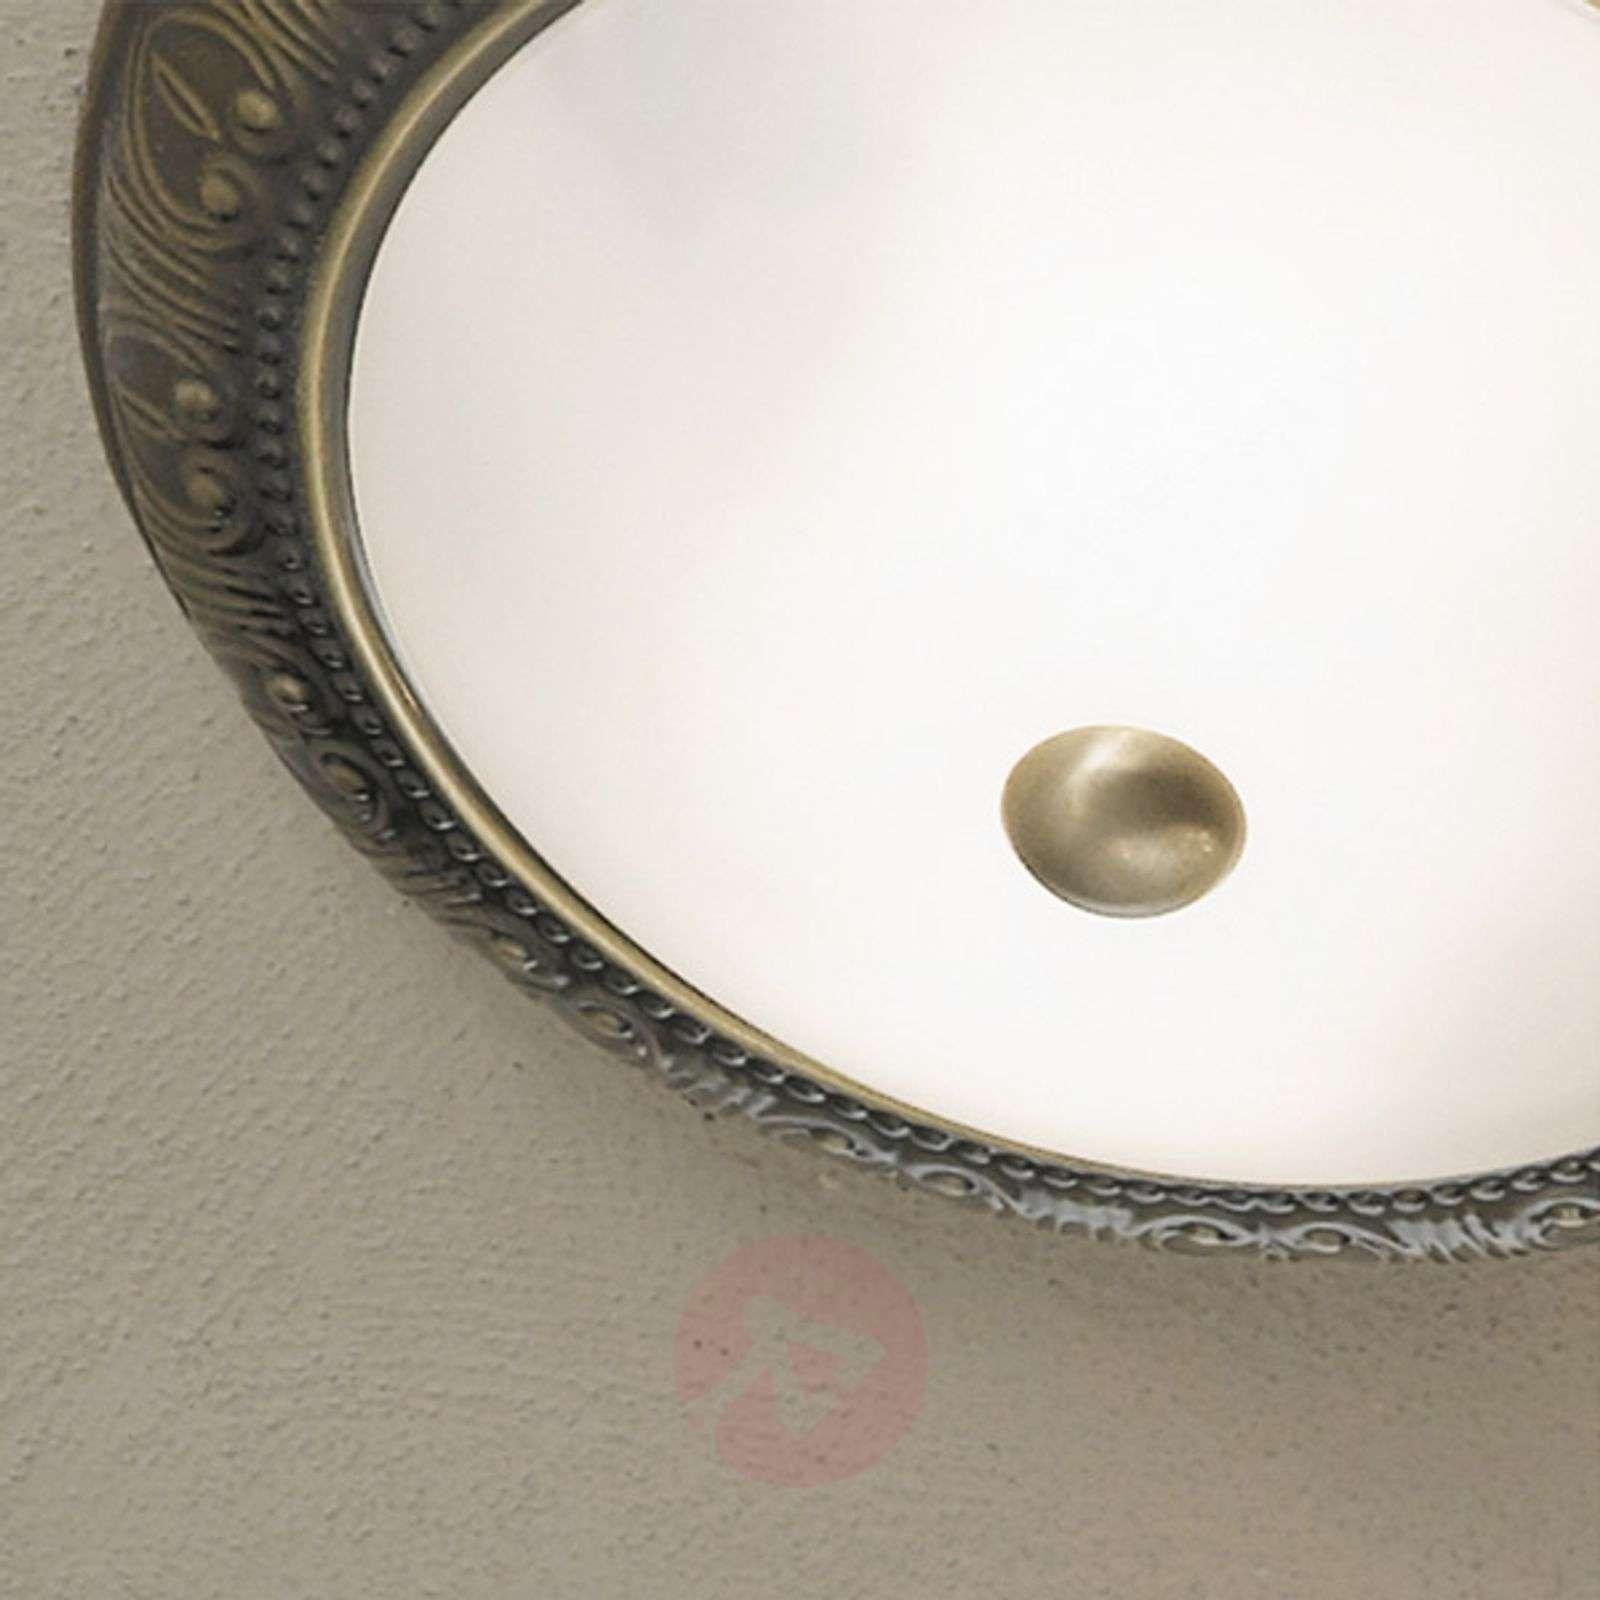 Lembit Ceiling Light 28 cm-7254824-01